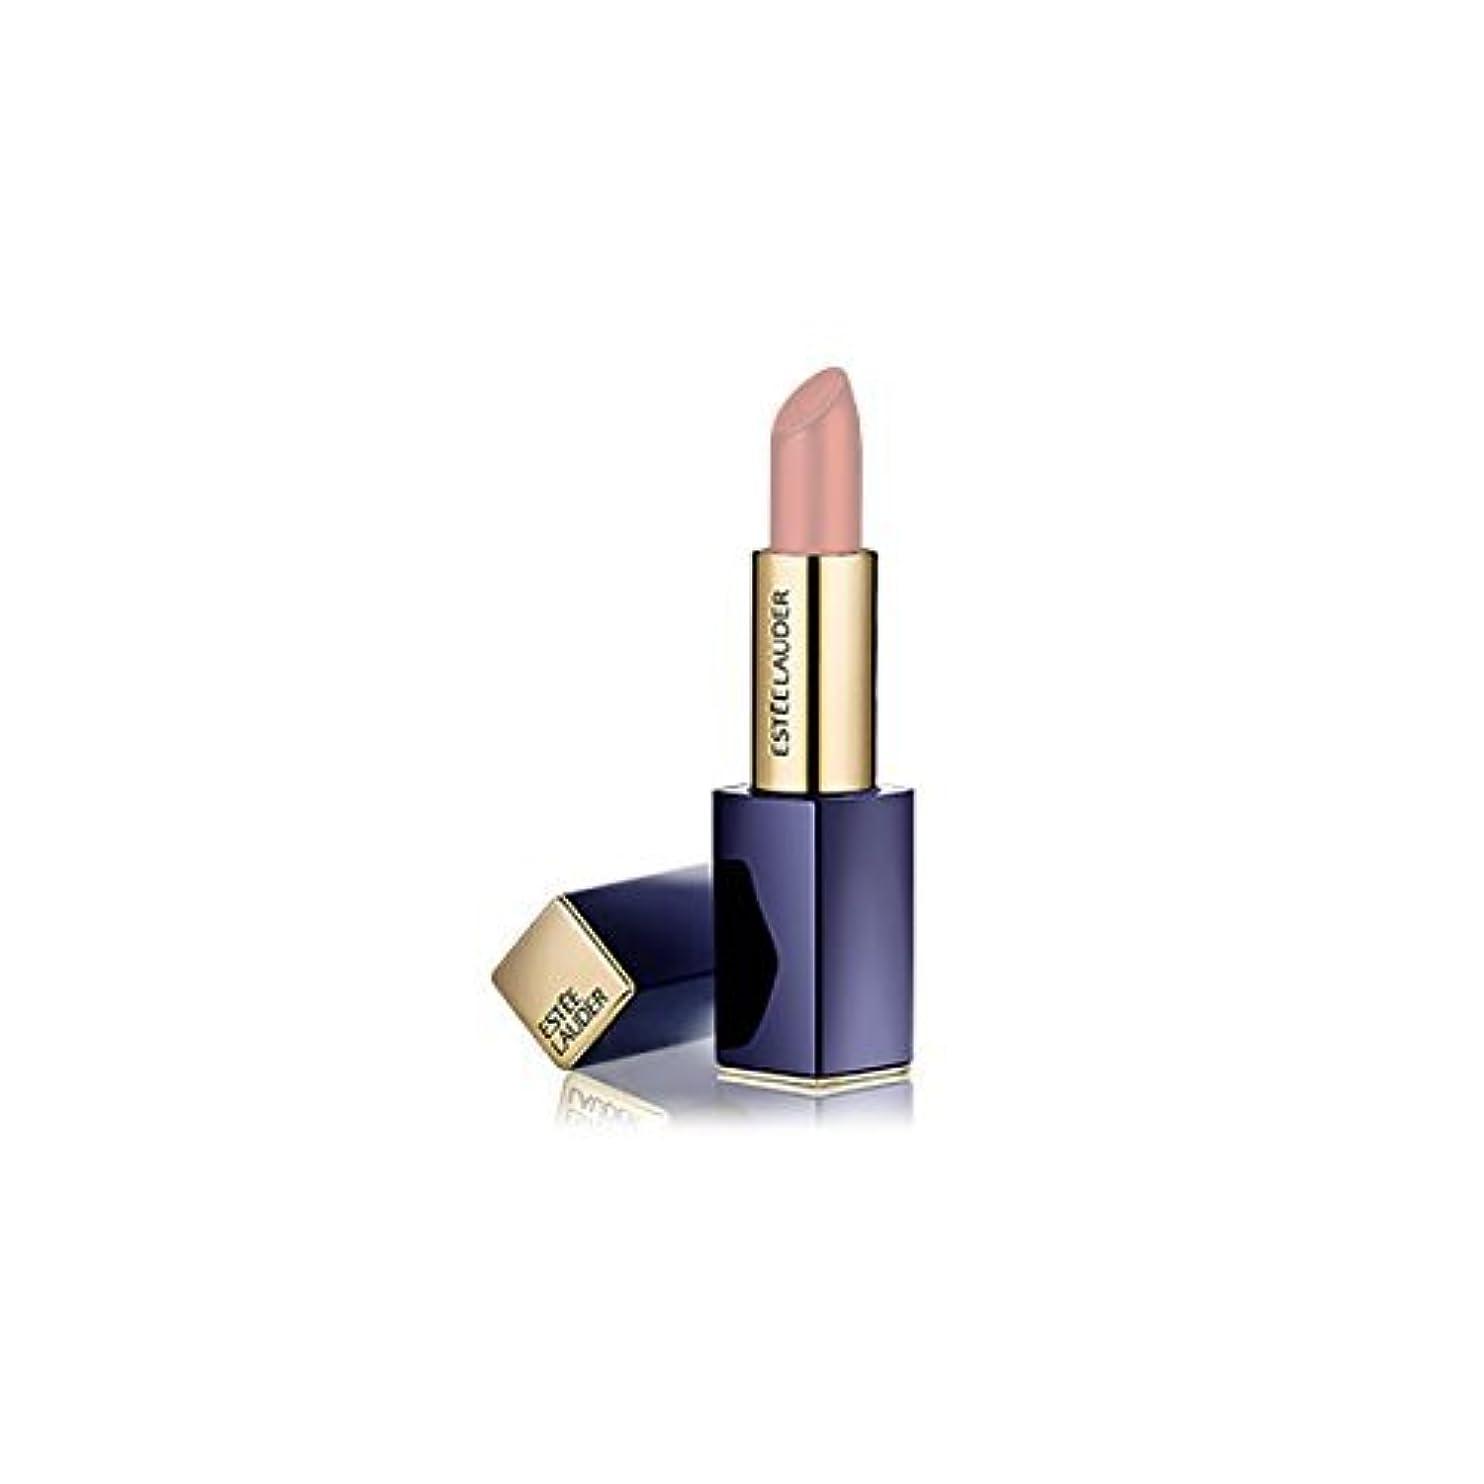 ESTEE LAUDER エスティローダー ピュア カラー エンヴィ スカルプティング リップスティック- # 110 Insatiable Ivory 3.5g 0.12oz Pure Color Envy Sculpting Lipstick [並行輸入品]